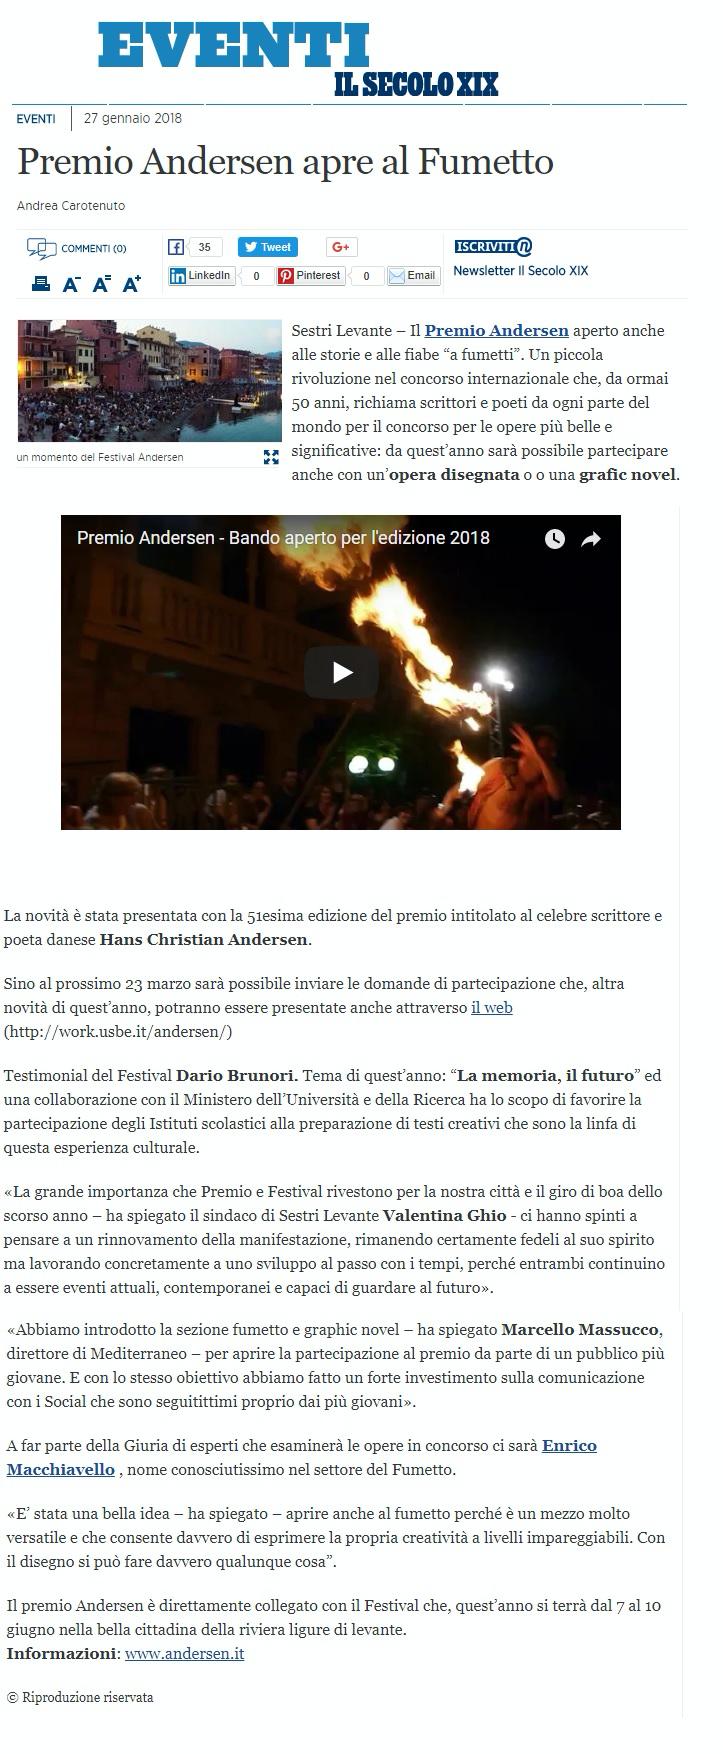 SECOLO XIX EVENTI 27 GENNAIO 2018